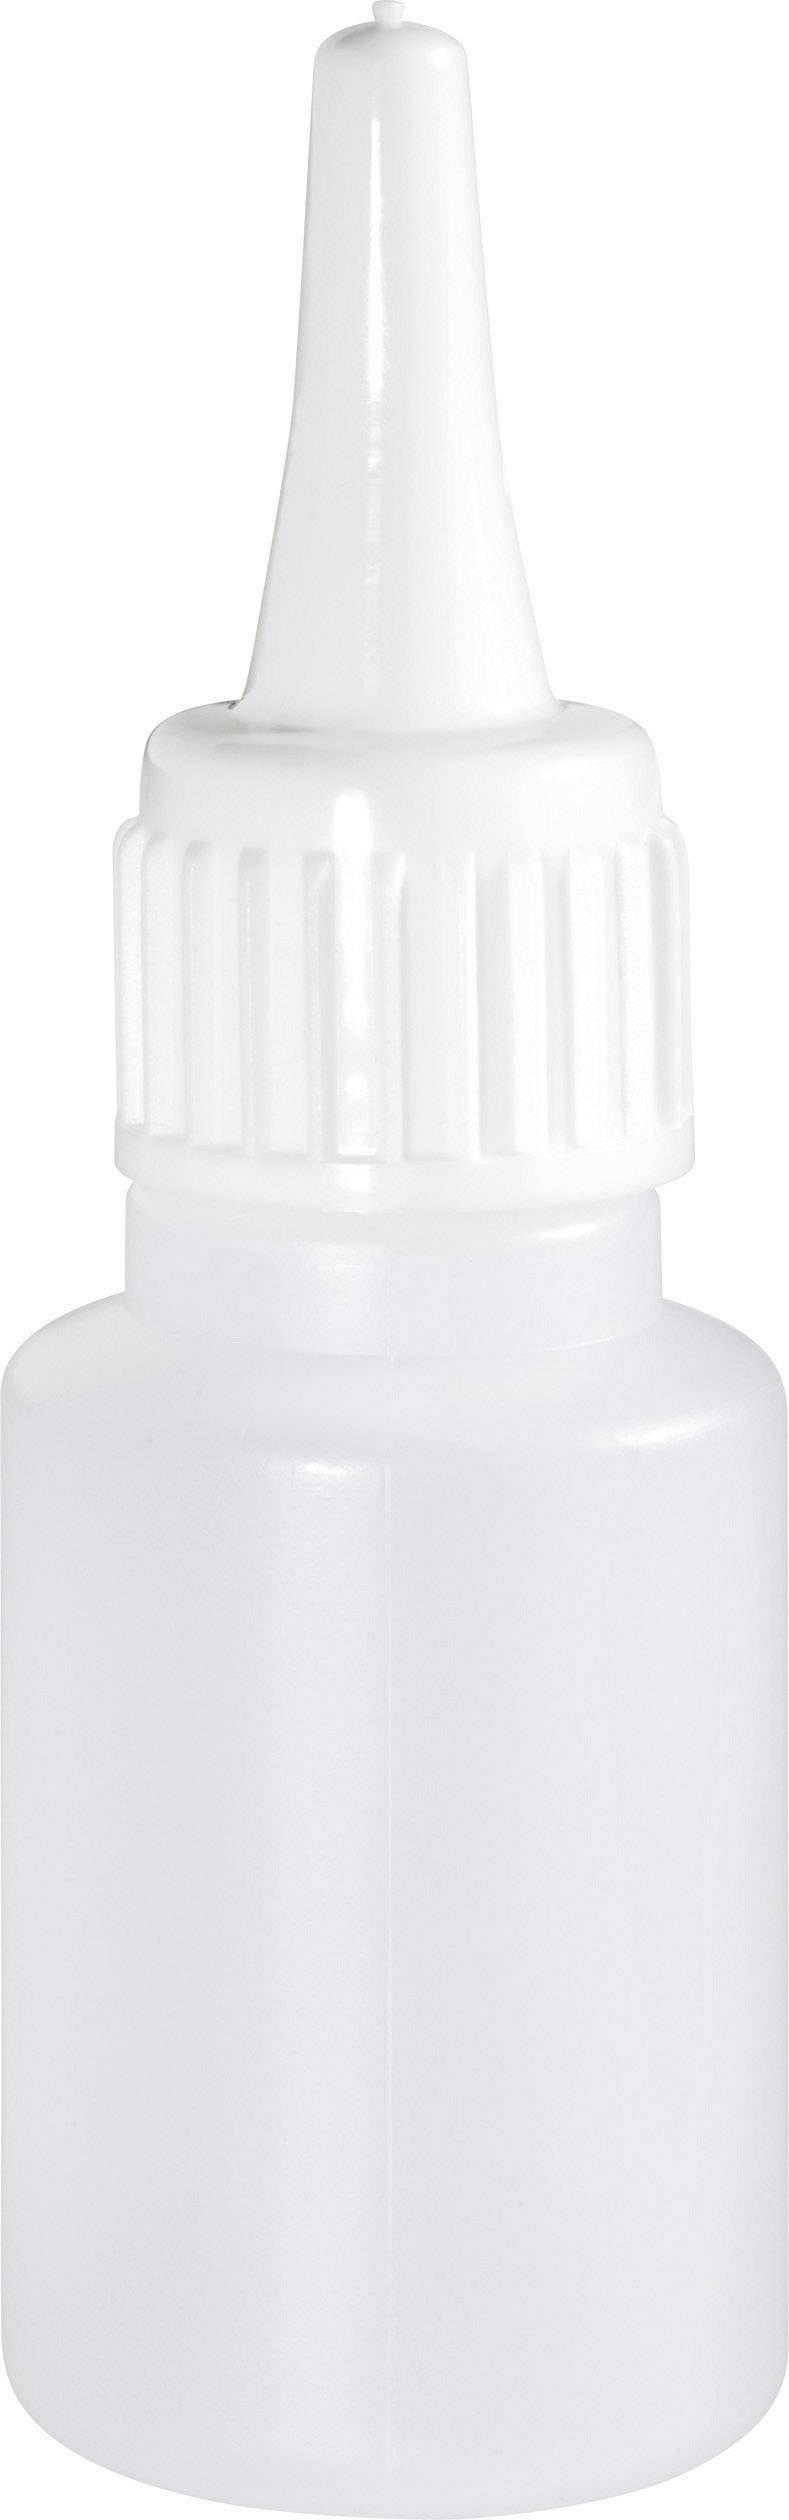 Prázdne fľaše TOOLCRAFT, 20 g, 10 ks